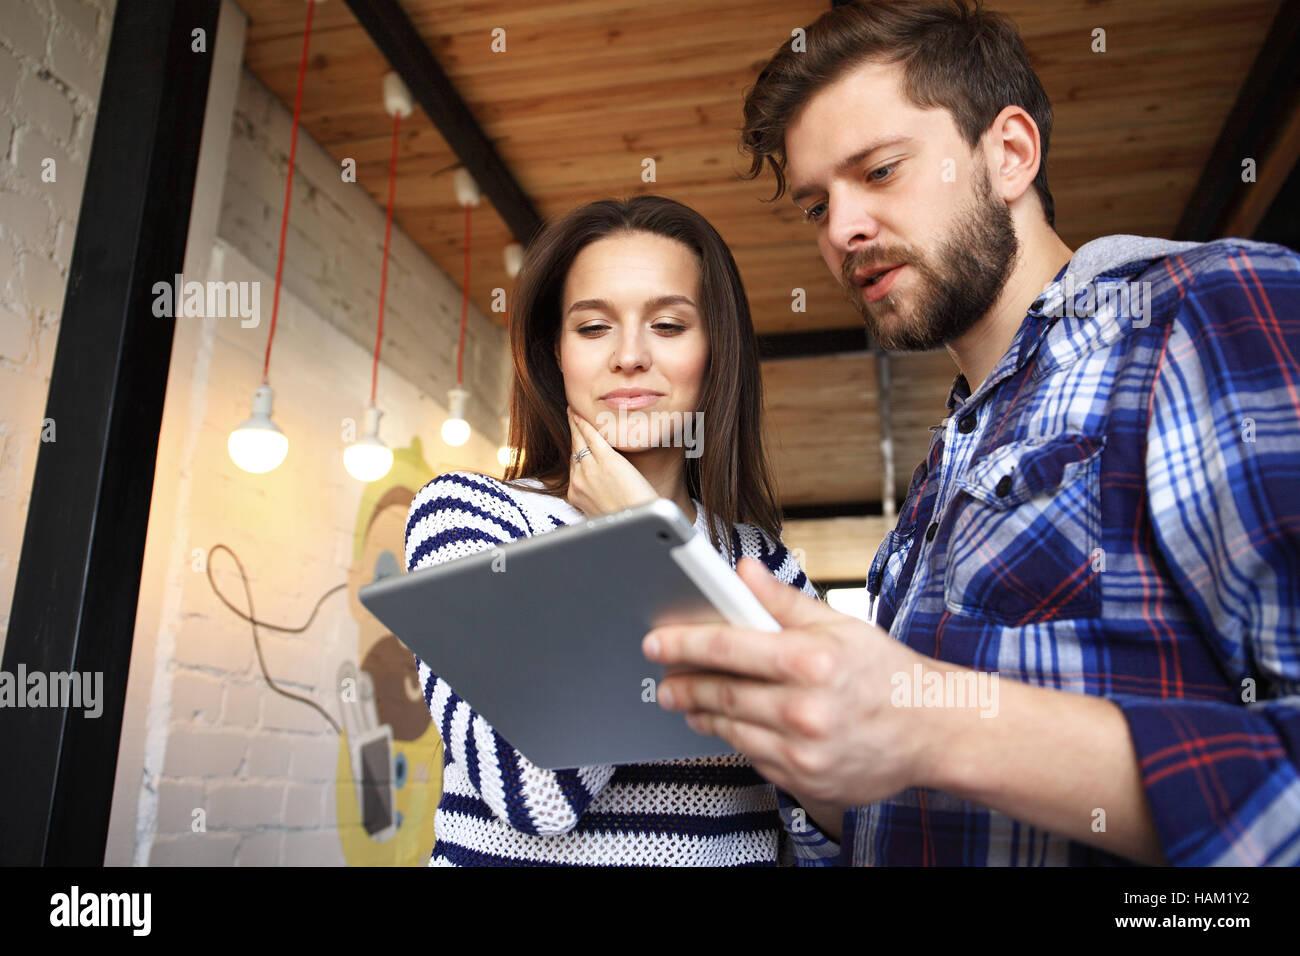 Los jóvenes profesionales trabajan en oficina moderna.Business tripulación trabaja con el inicio Imagen De Stock